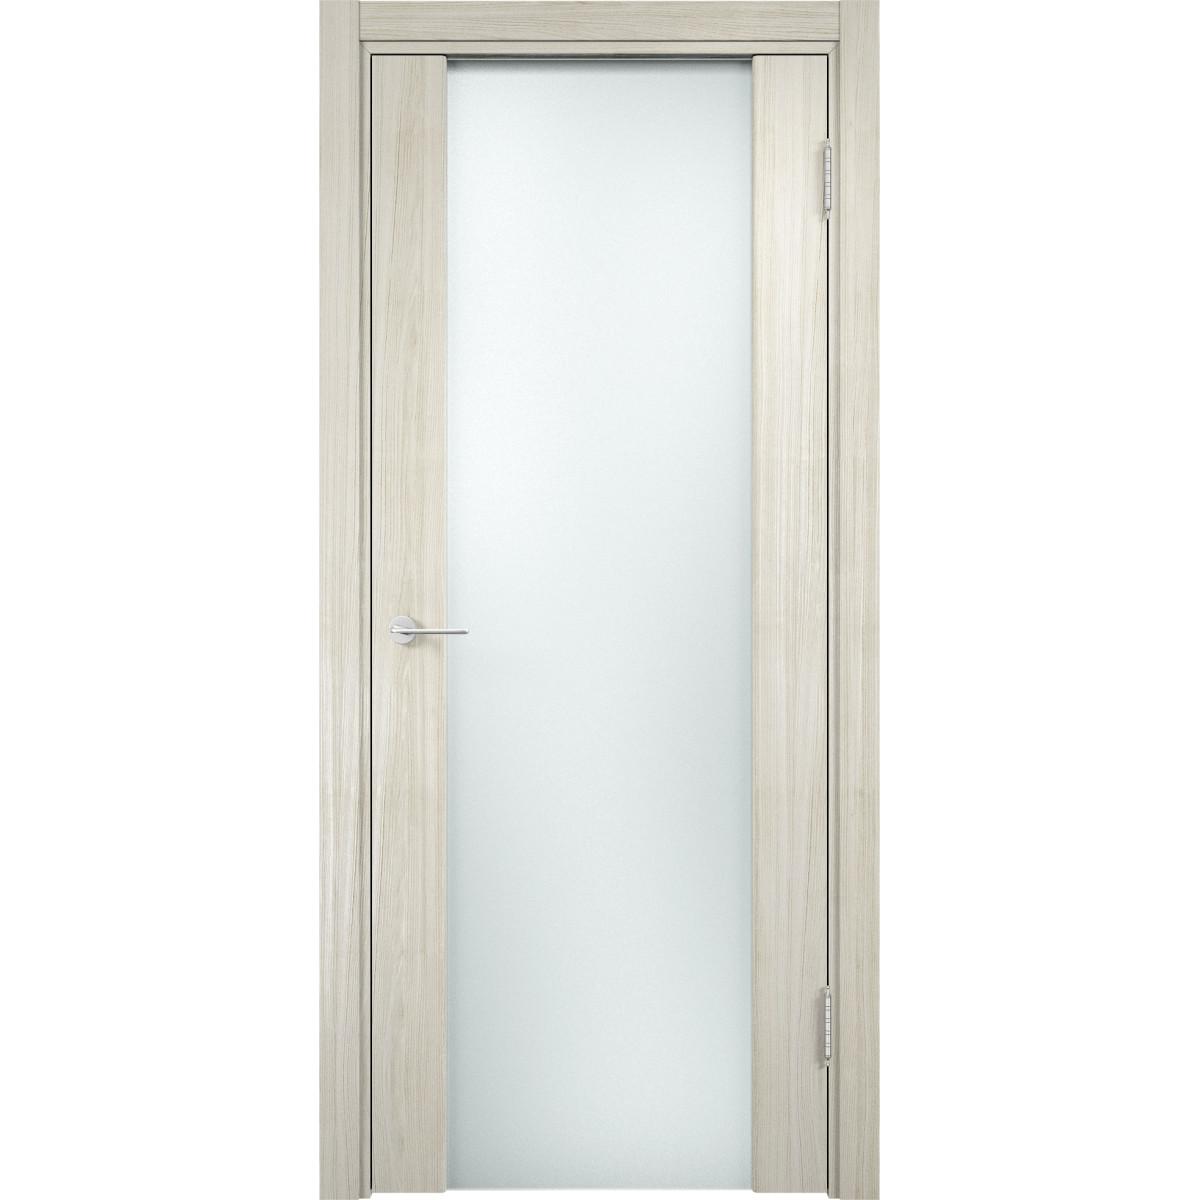 Дверное полотно Casaporte Сан-Ремо МП_0188 2000х700х44 мм МДФ